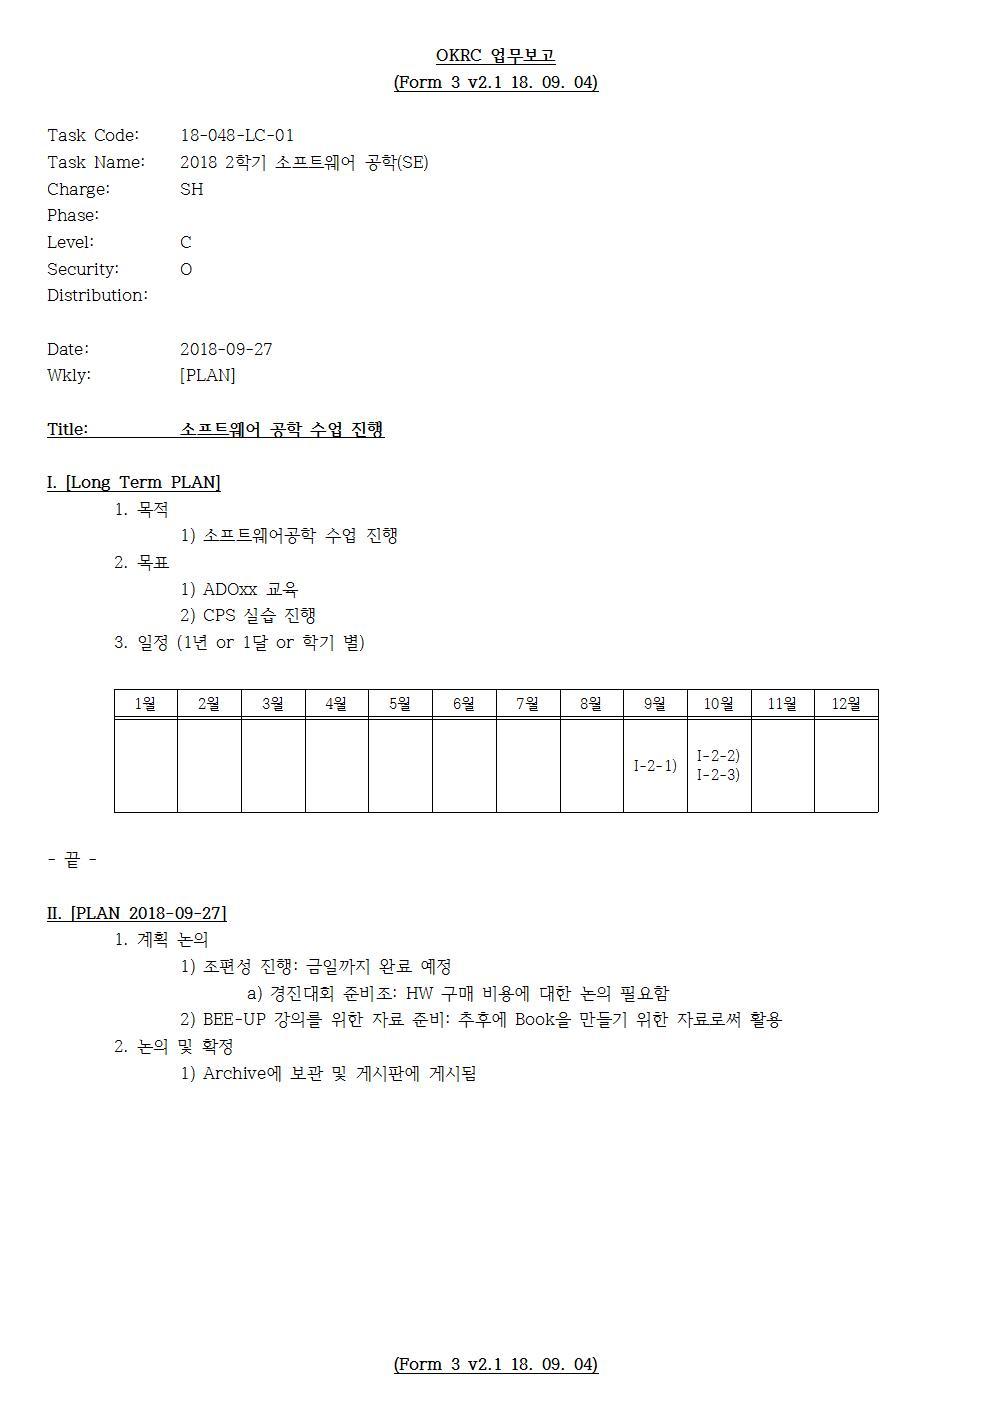 D-[18-048-LC-01]-[SE]-[2018-09-27][SH]001.jpg